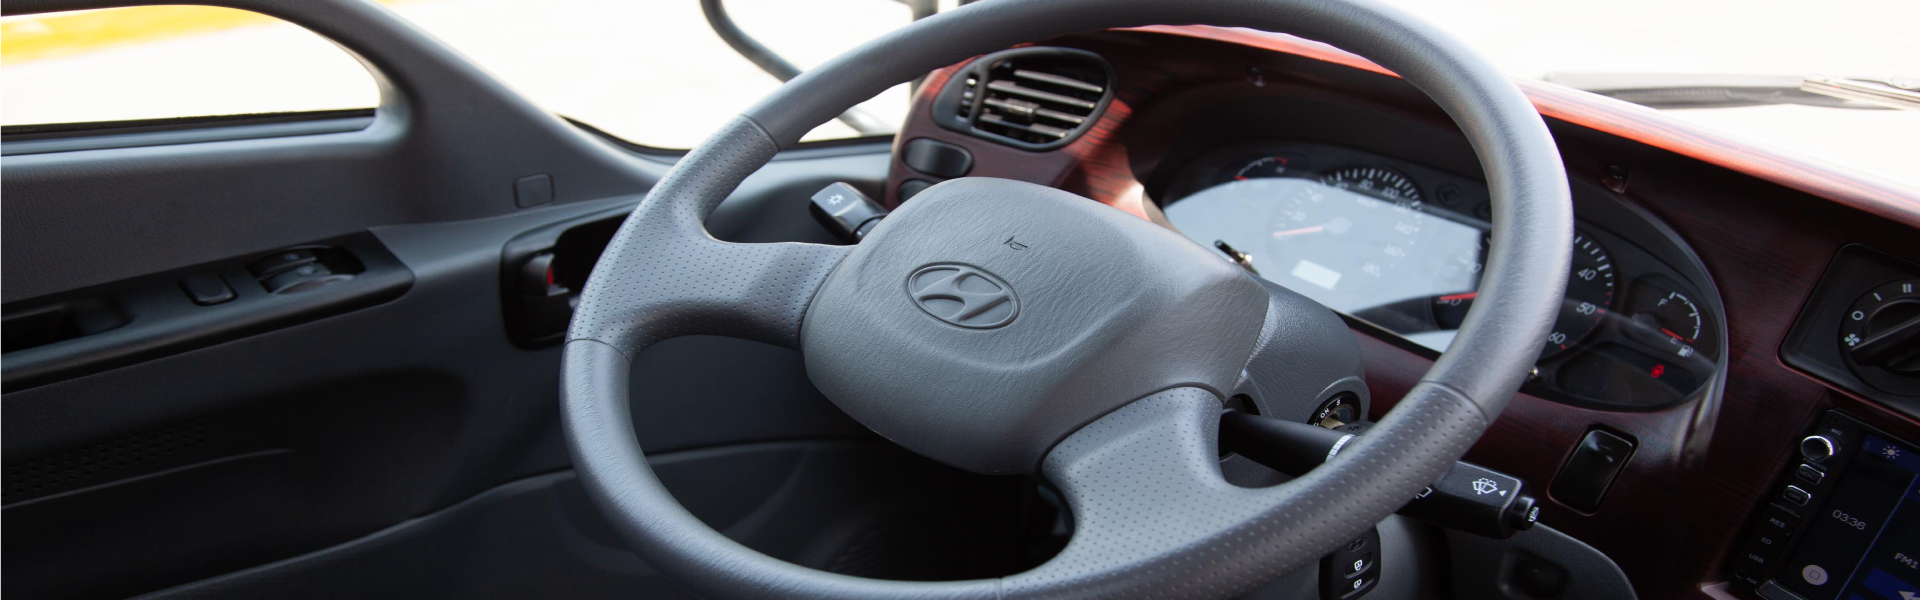 hd35-header-interior